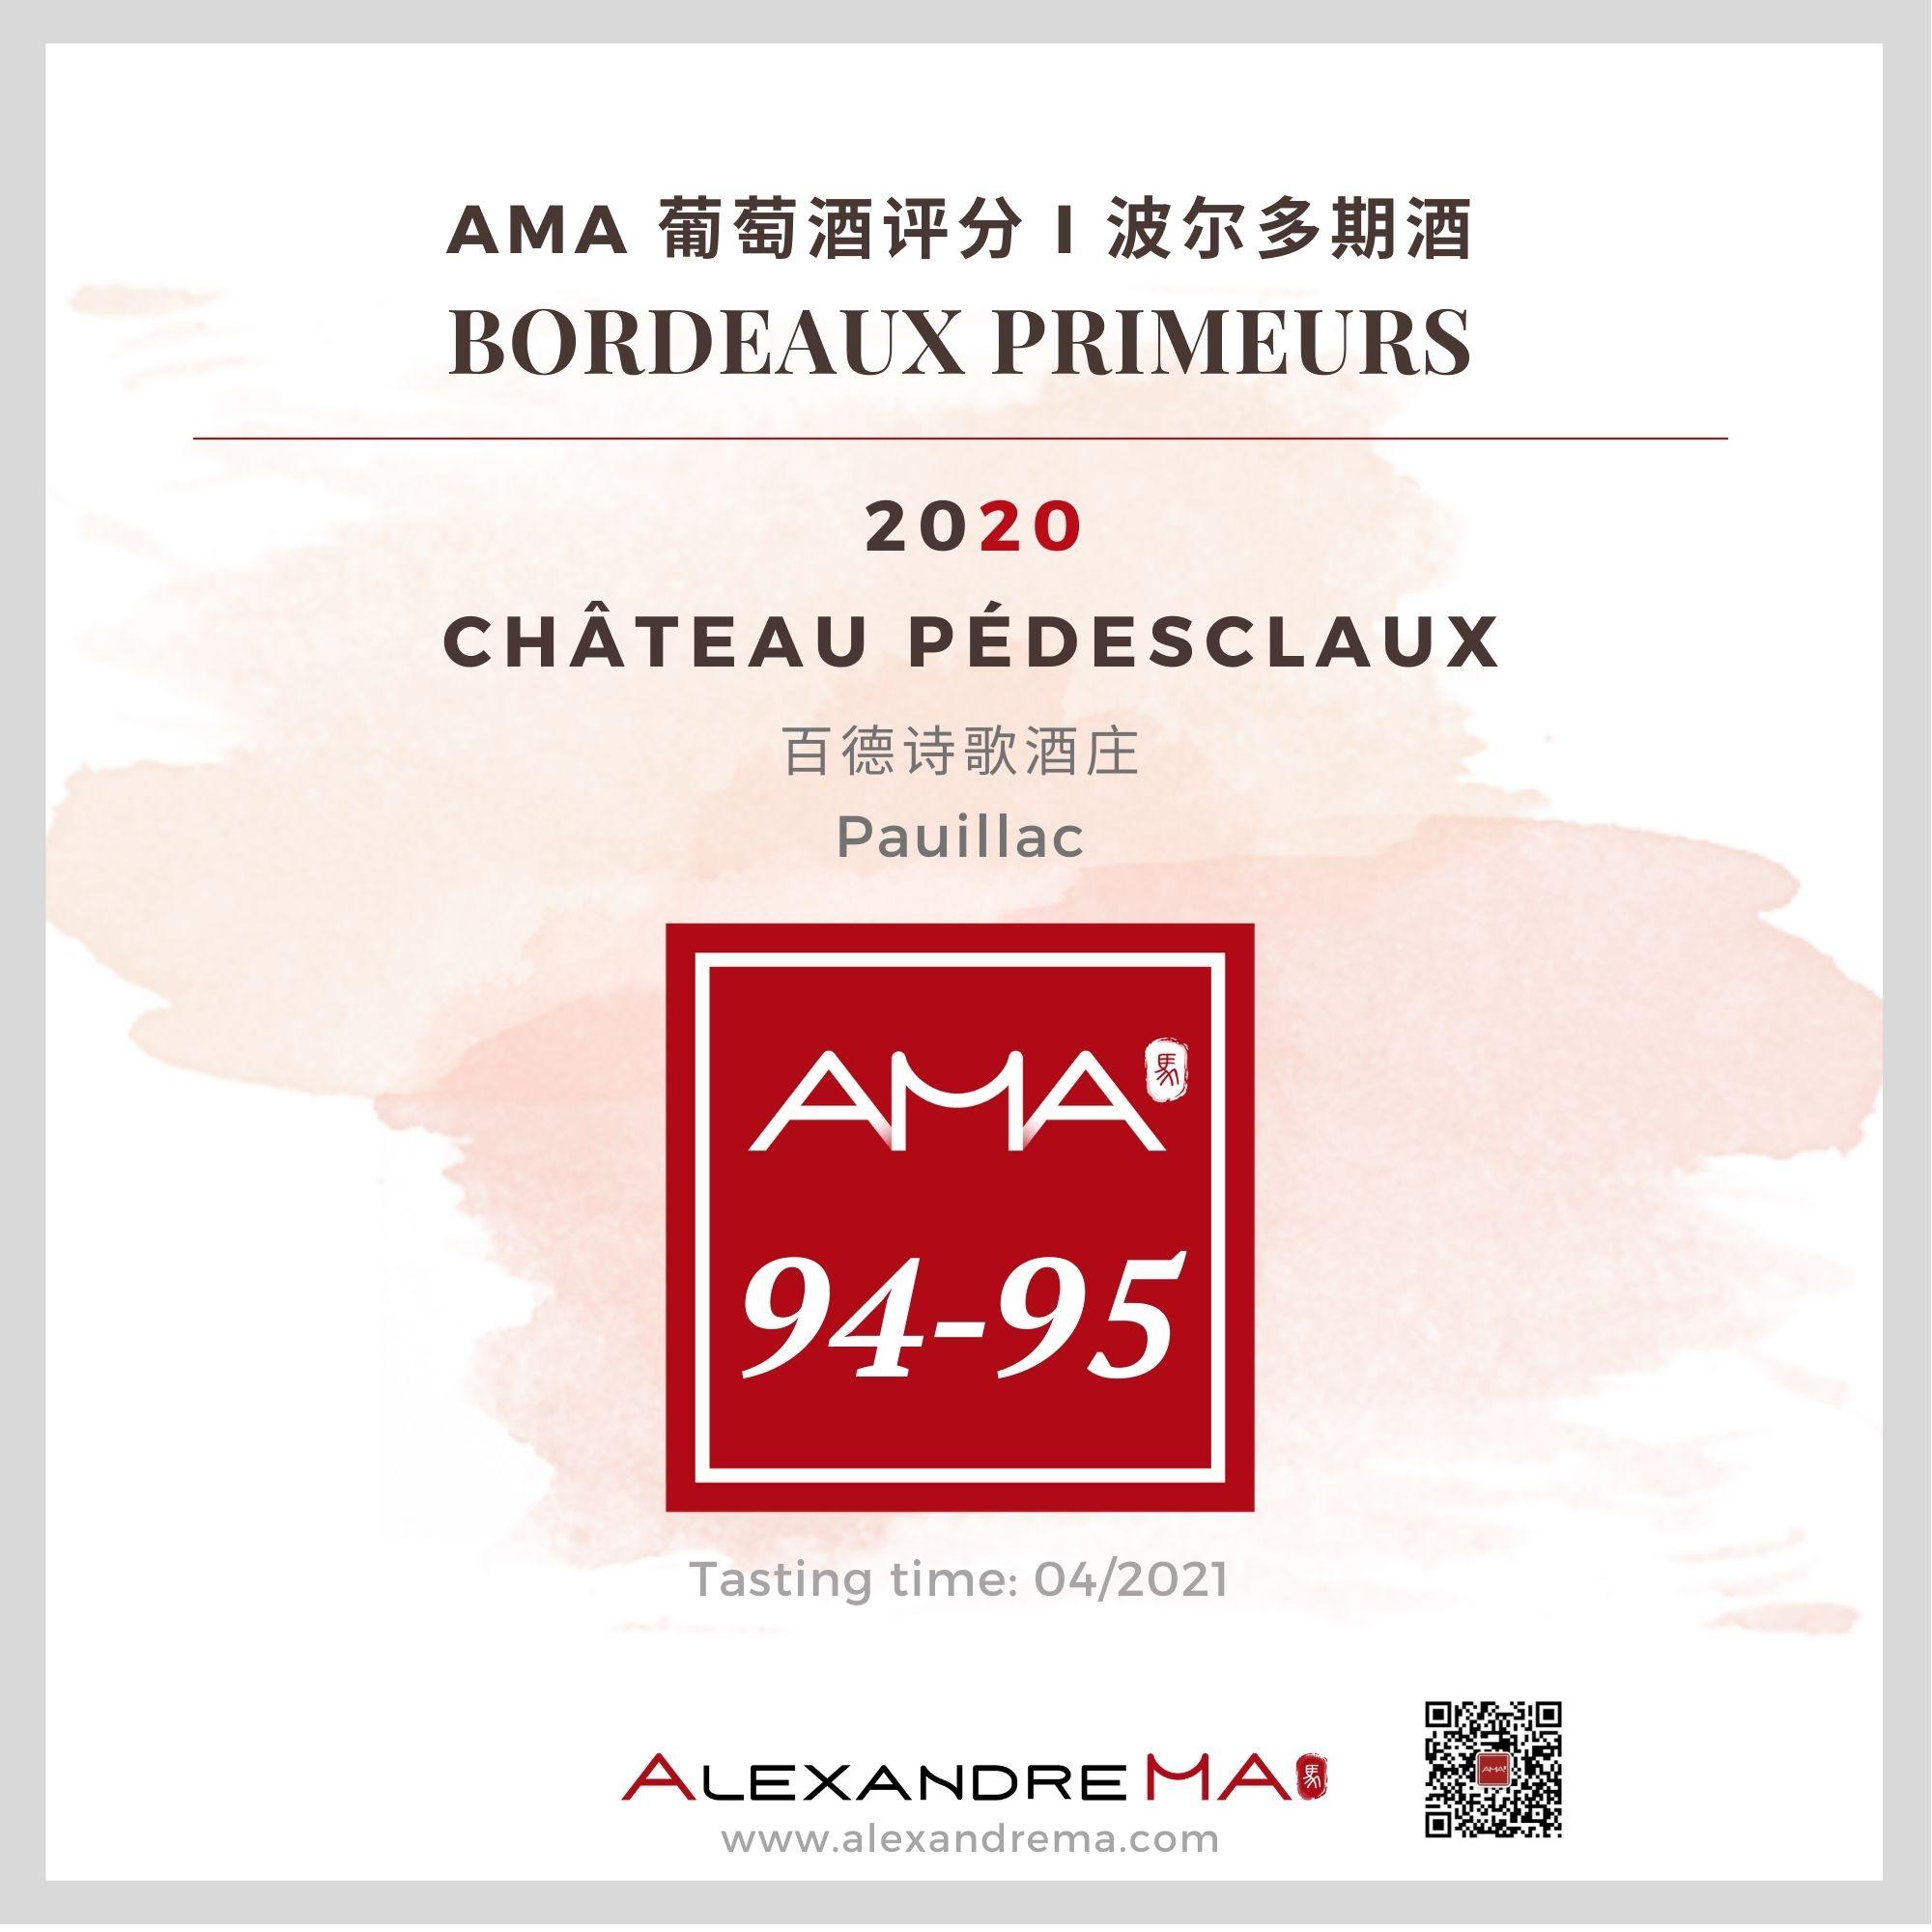 Château Pédesclaux 2020 百德诗歌酒庄 - Alexandre Ma